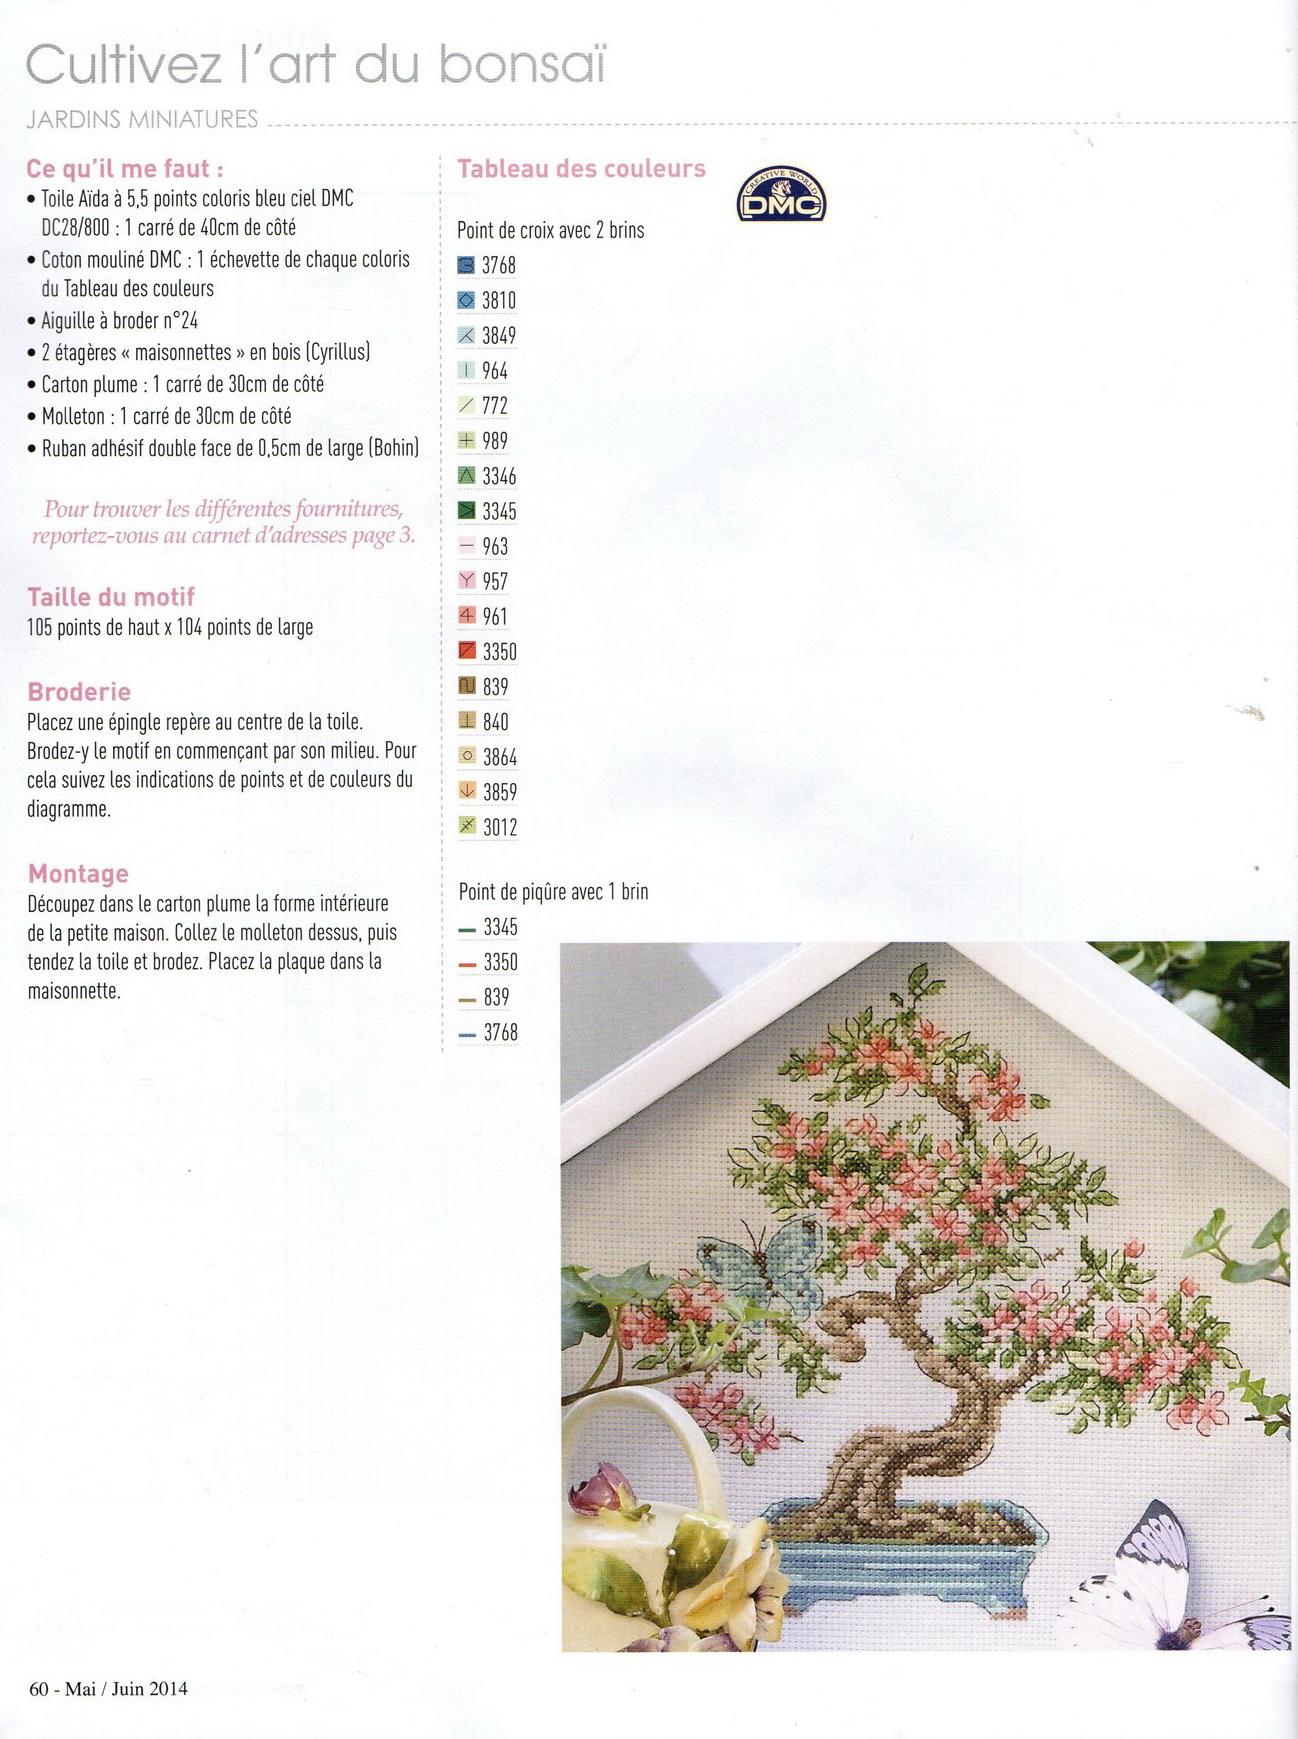 Цветочный бонсай. Схема вышивки крестом